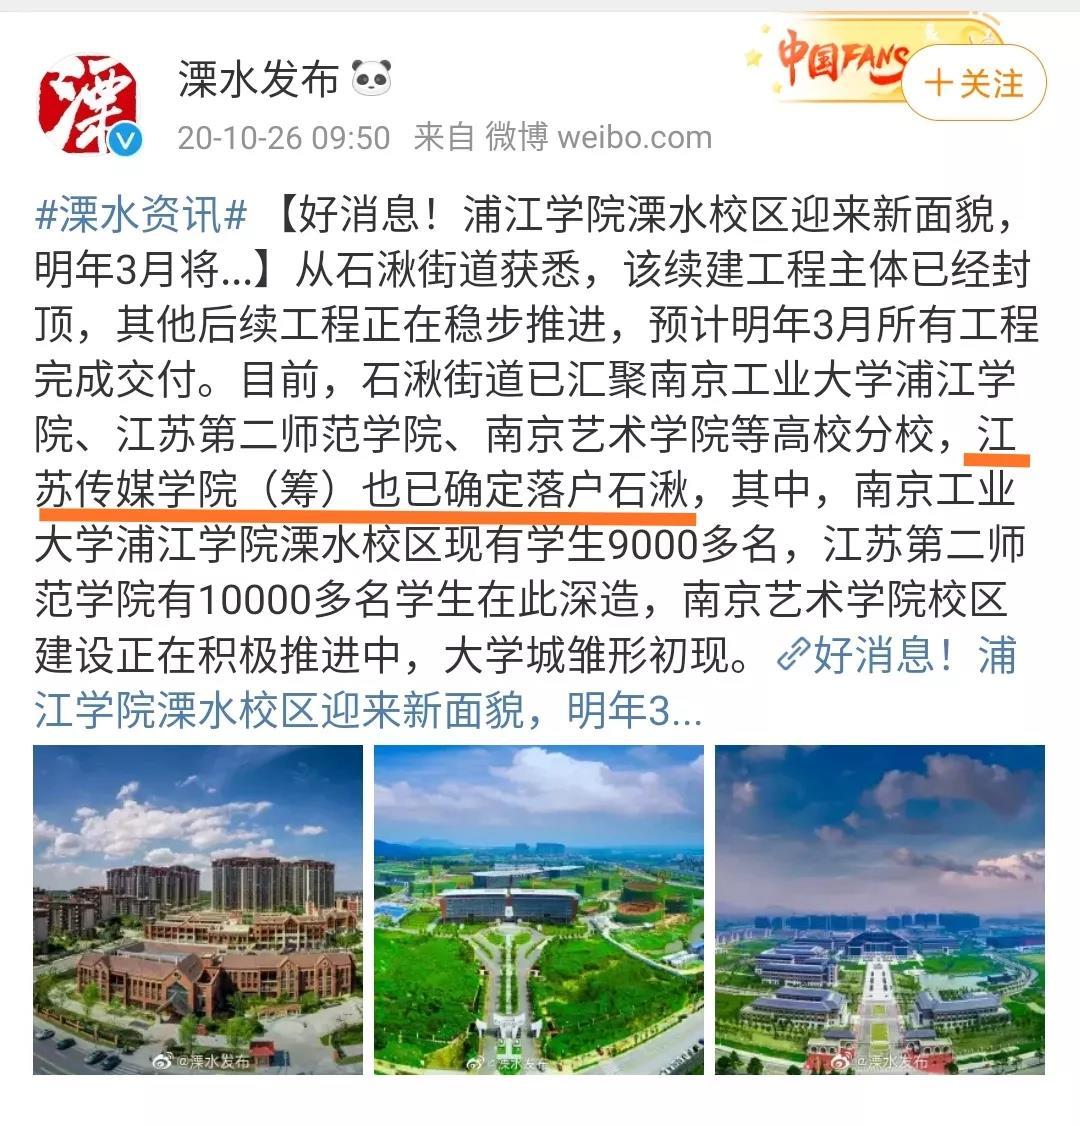 2所大学要建新校区,落户同一地